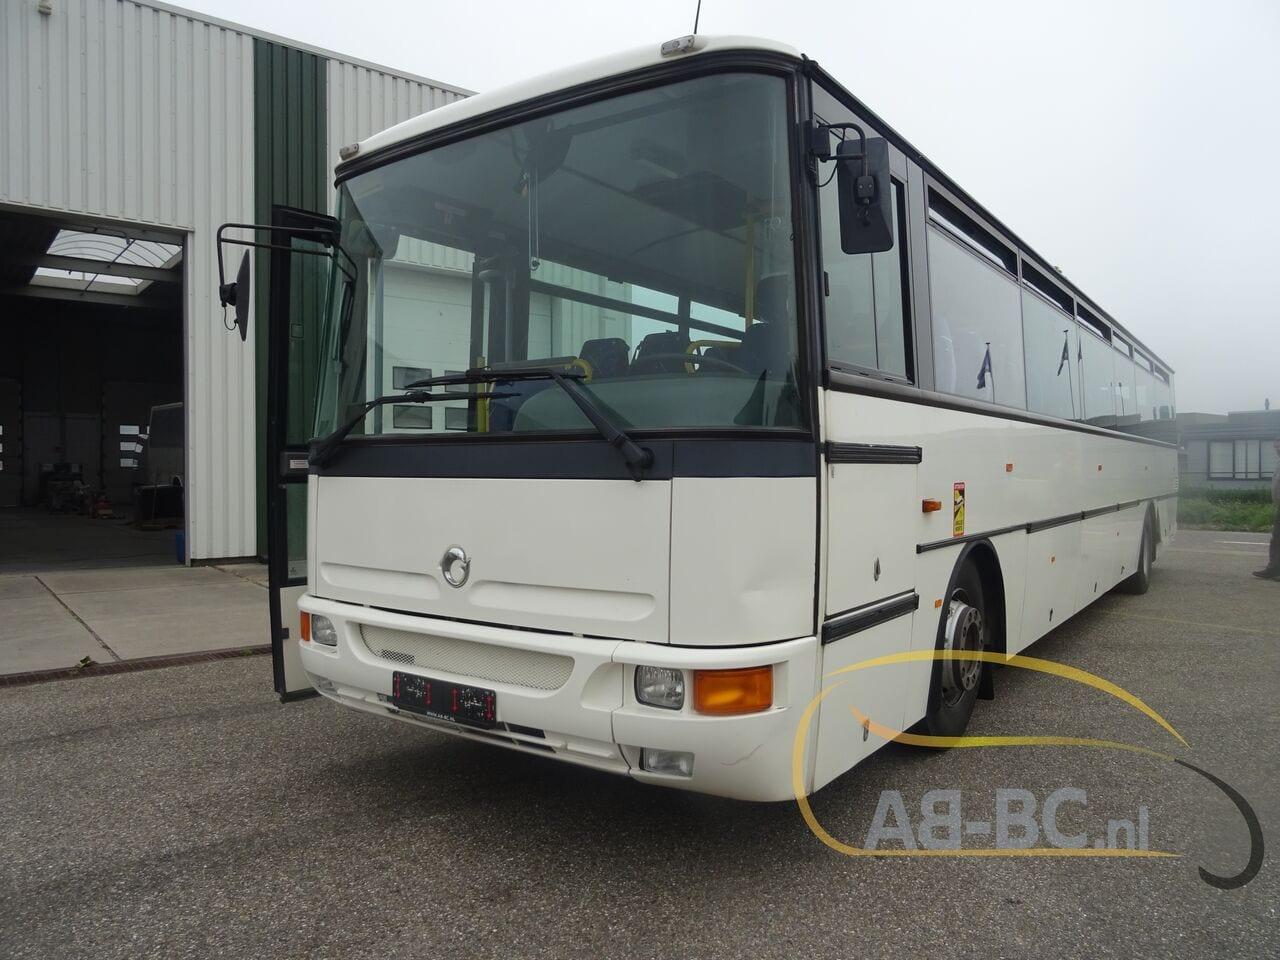 interurban-busIVECO-Irisbus-Recreo-64-Seats---1626159883625296257_big_36ff3e5b8098f2ec4abcecdf3ed71205--21071309575983154500